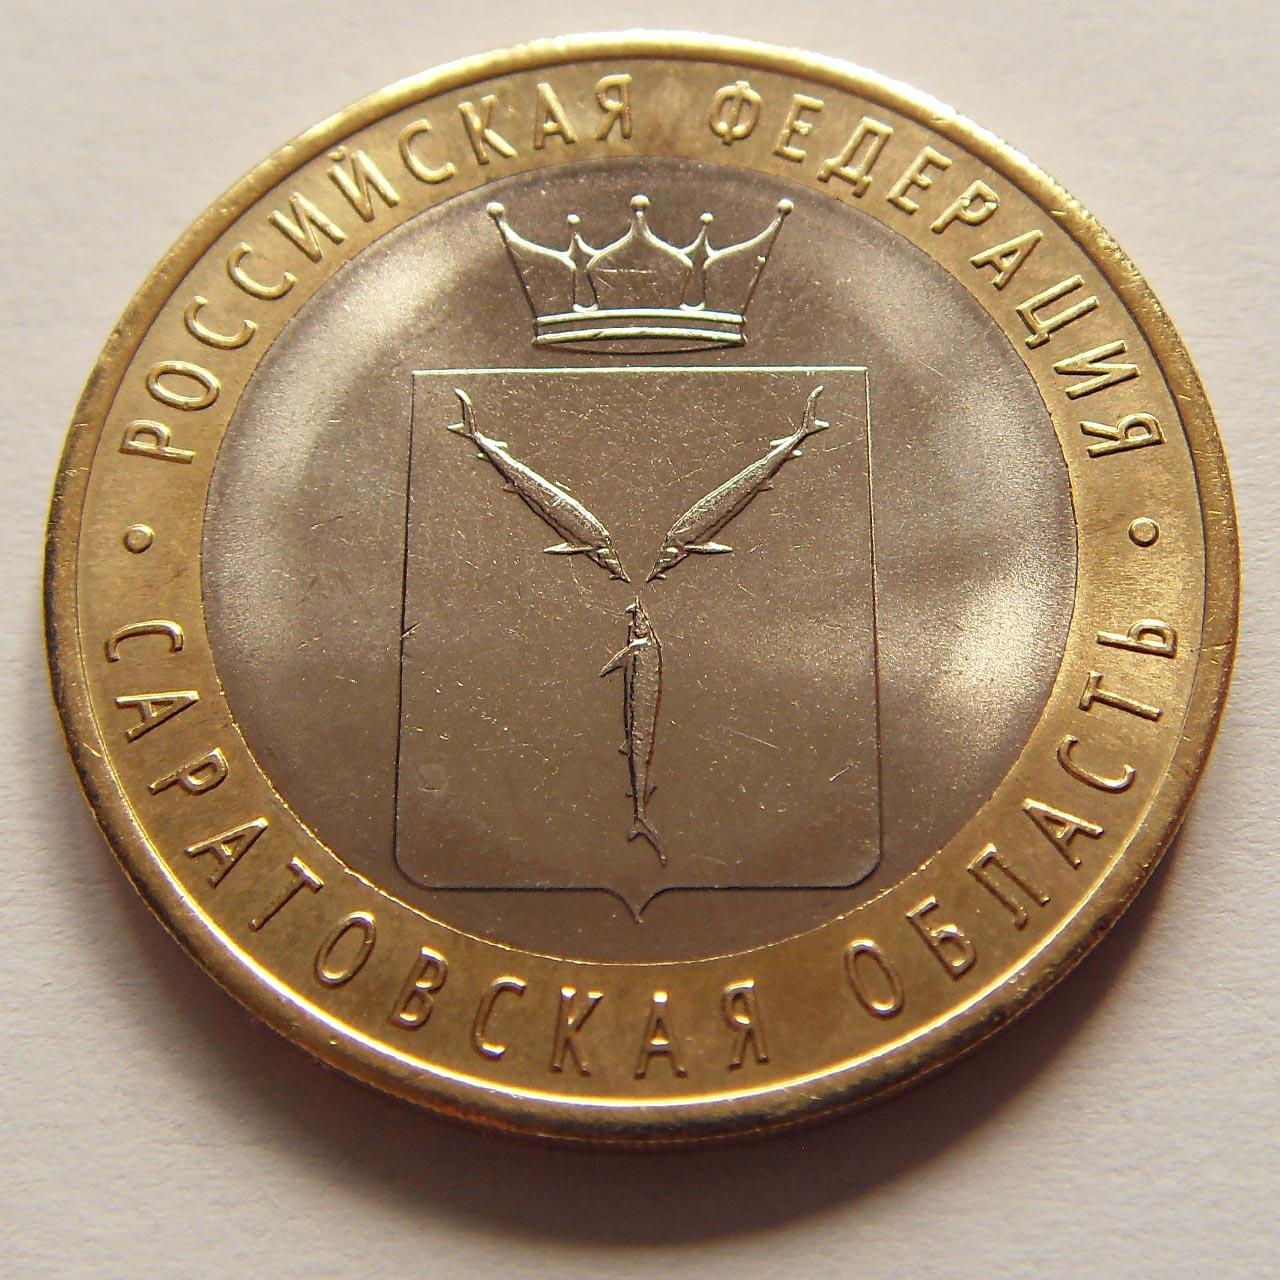 Юбилейная монета 10 рублей саратовская область цена номер 107